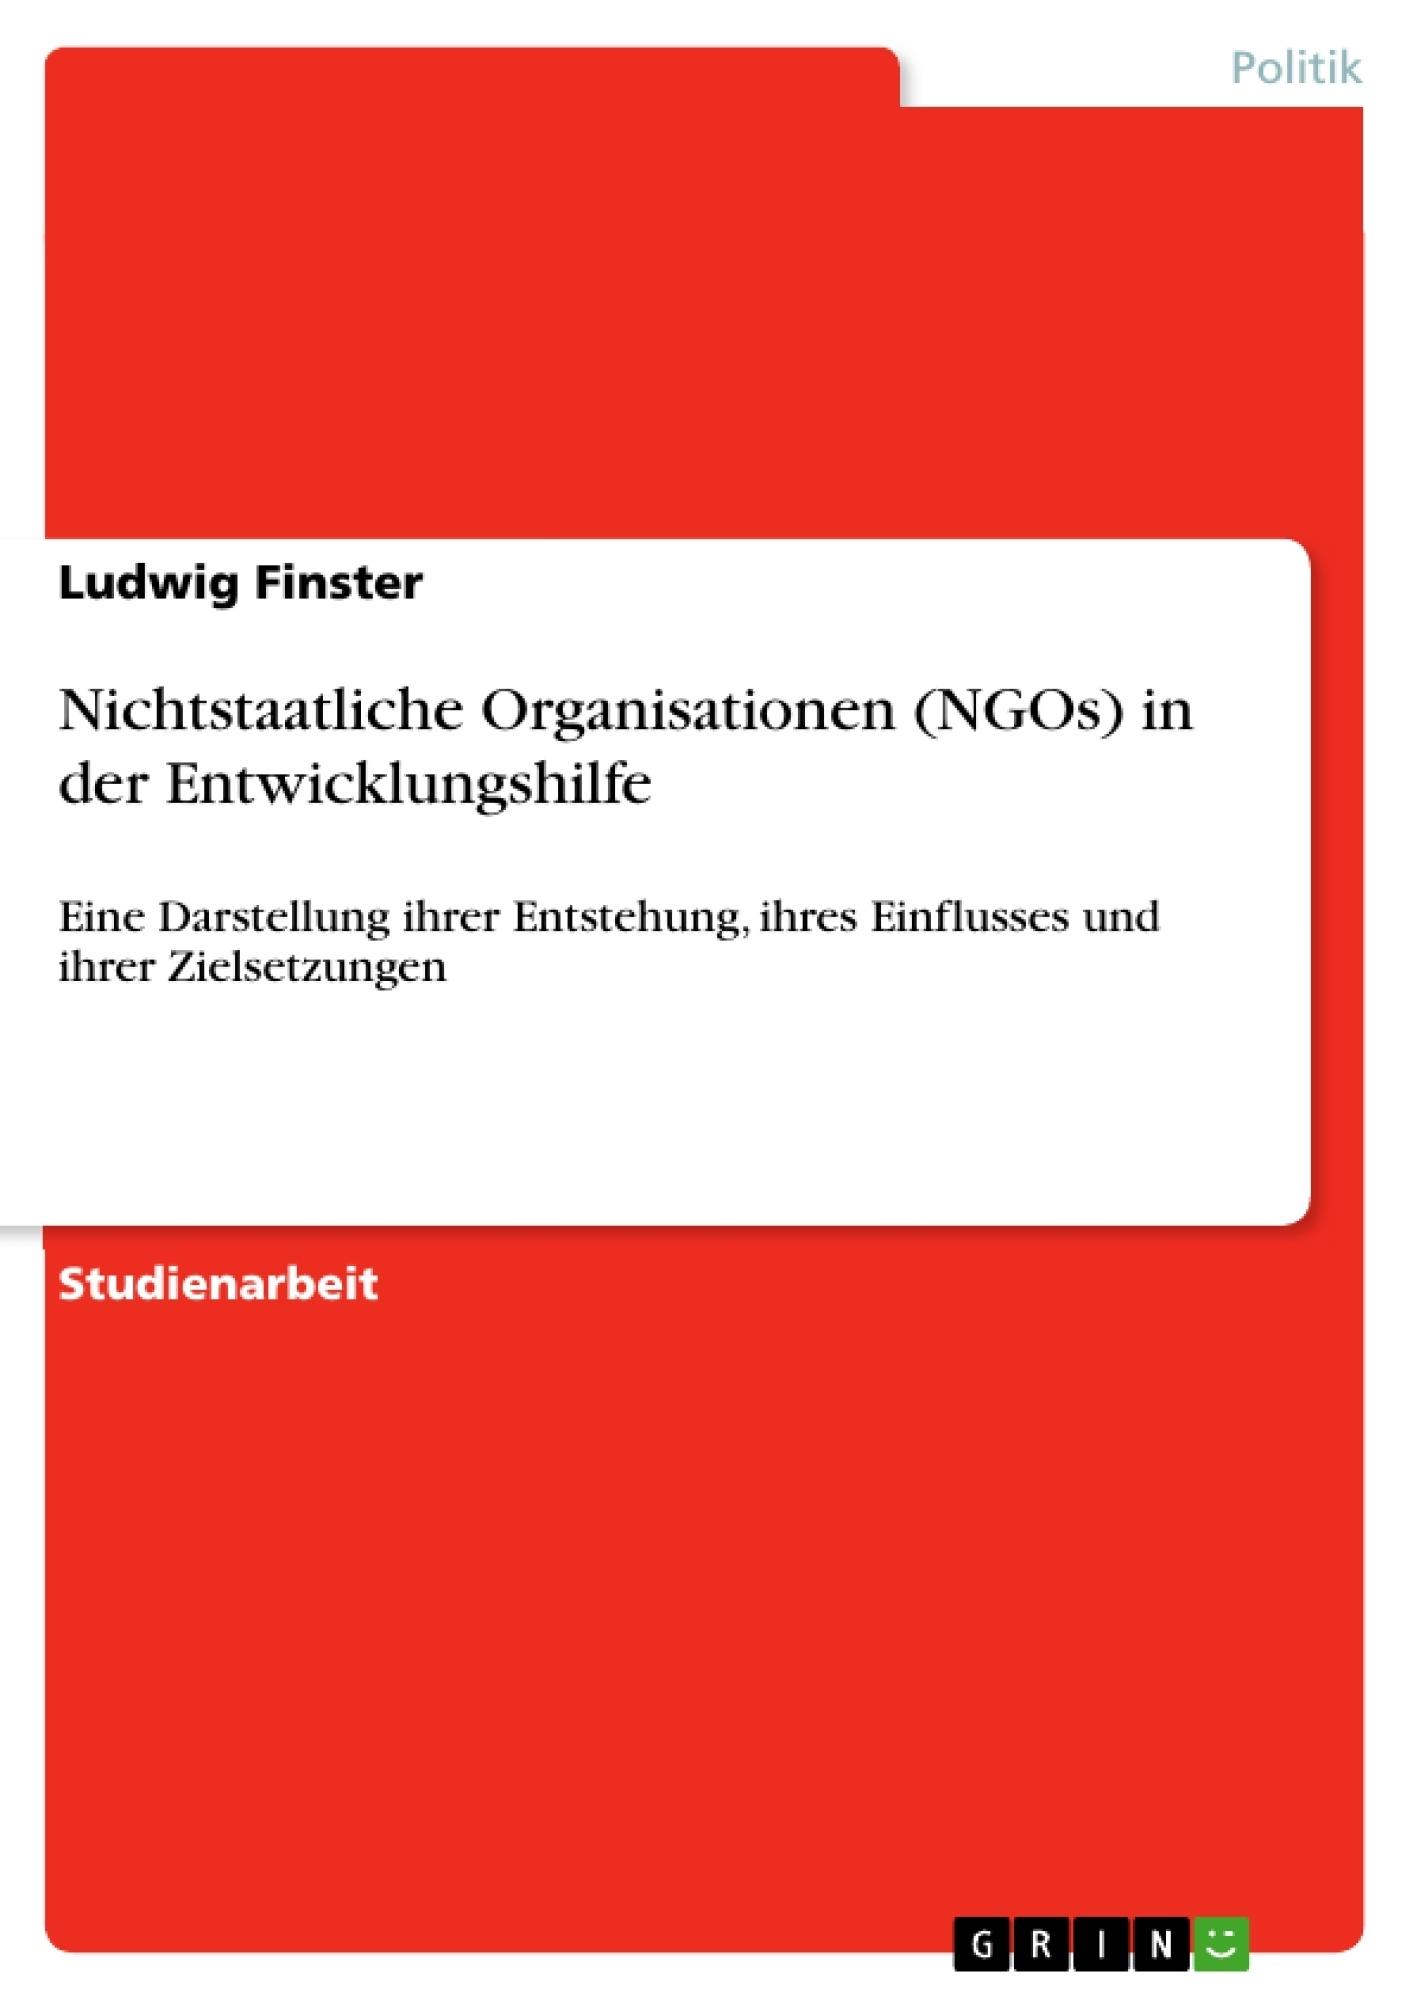 Titel: Nichtstaatliche Organisationen (NGOs) in der Entwicklungshilfe